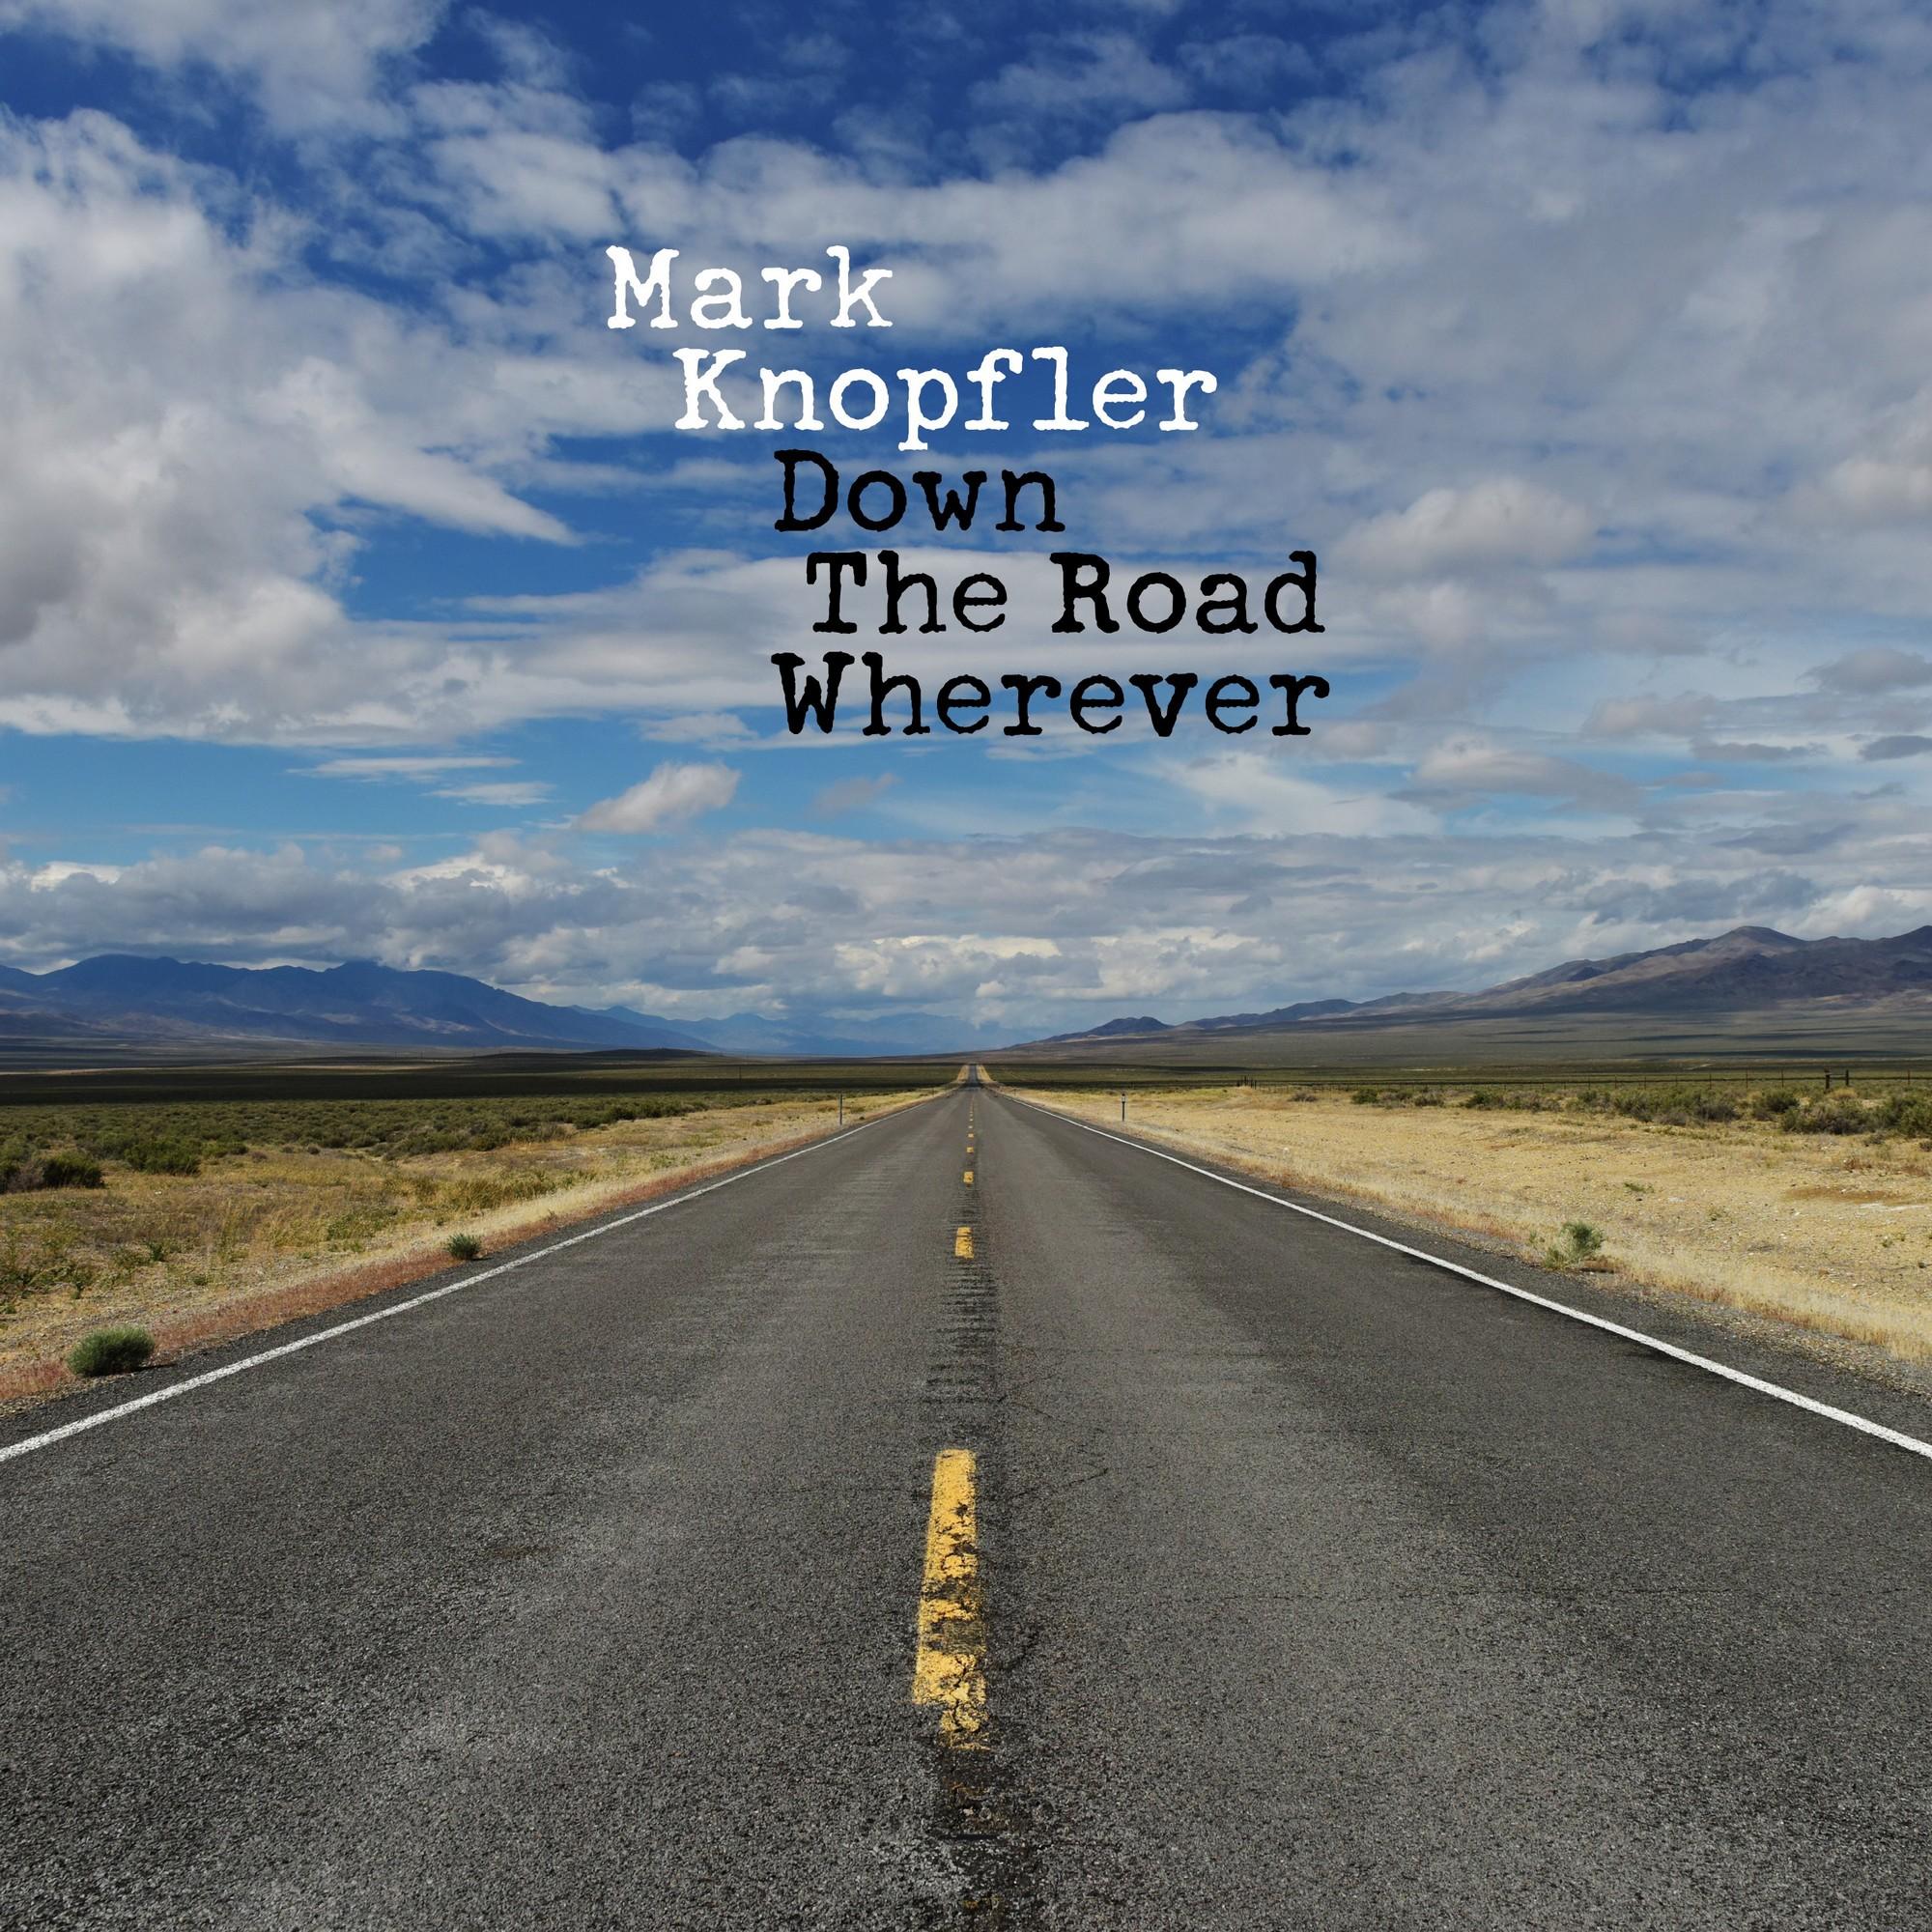 Down the Road Wherever, Mark Knopfler